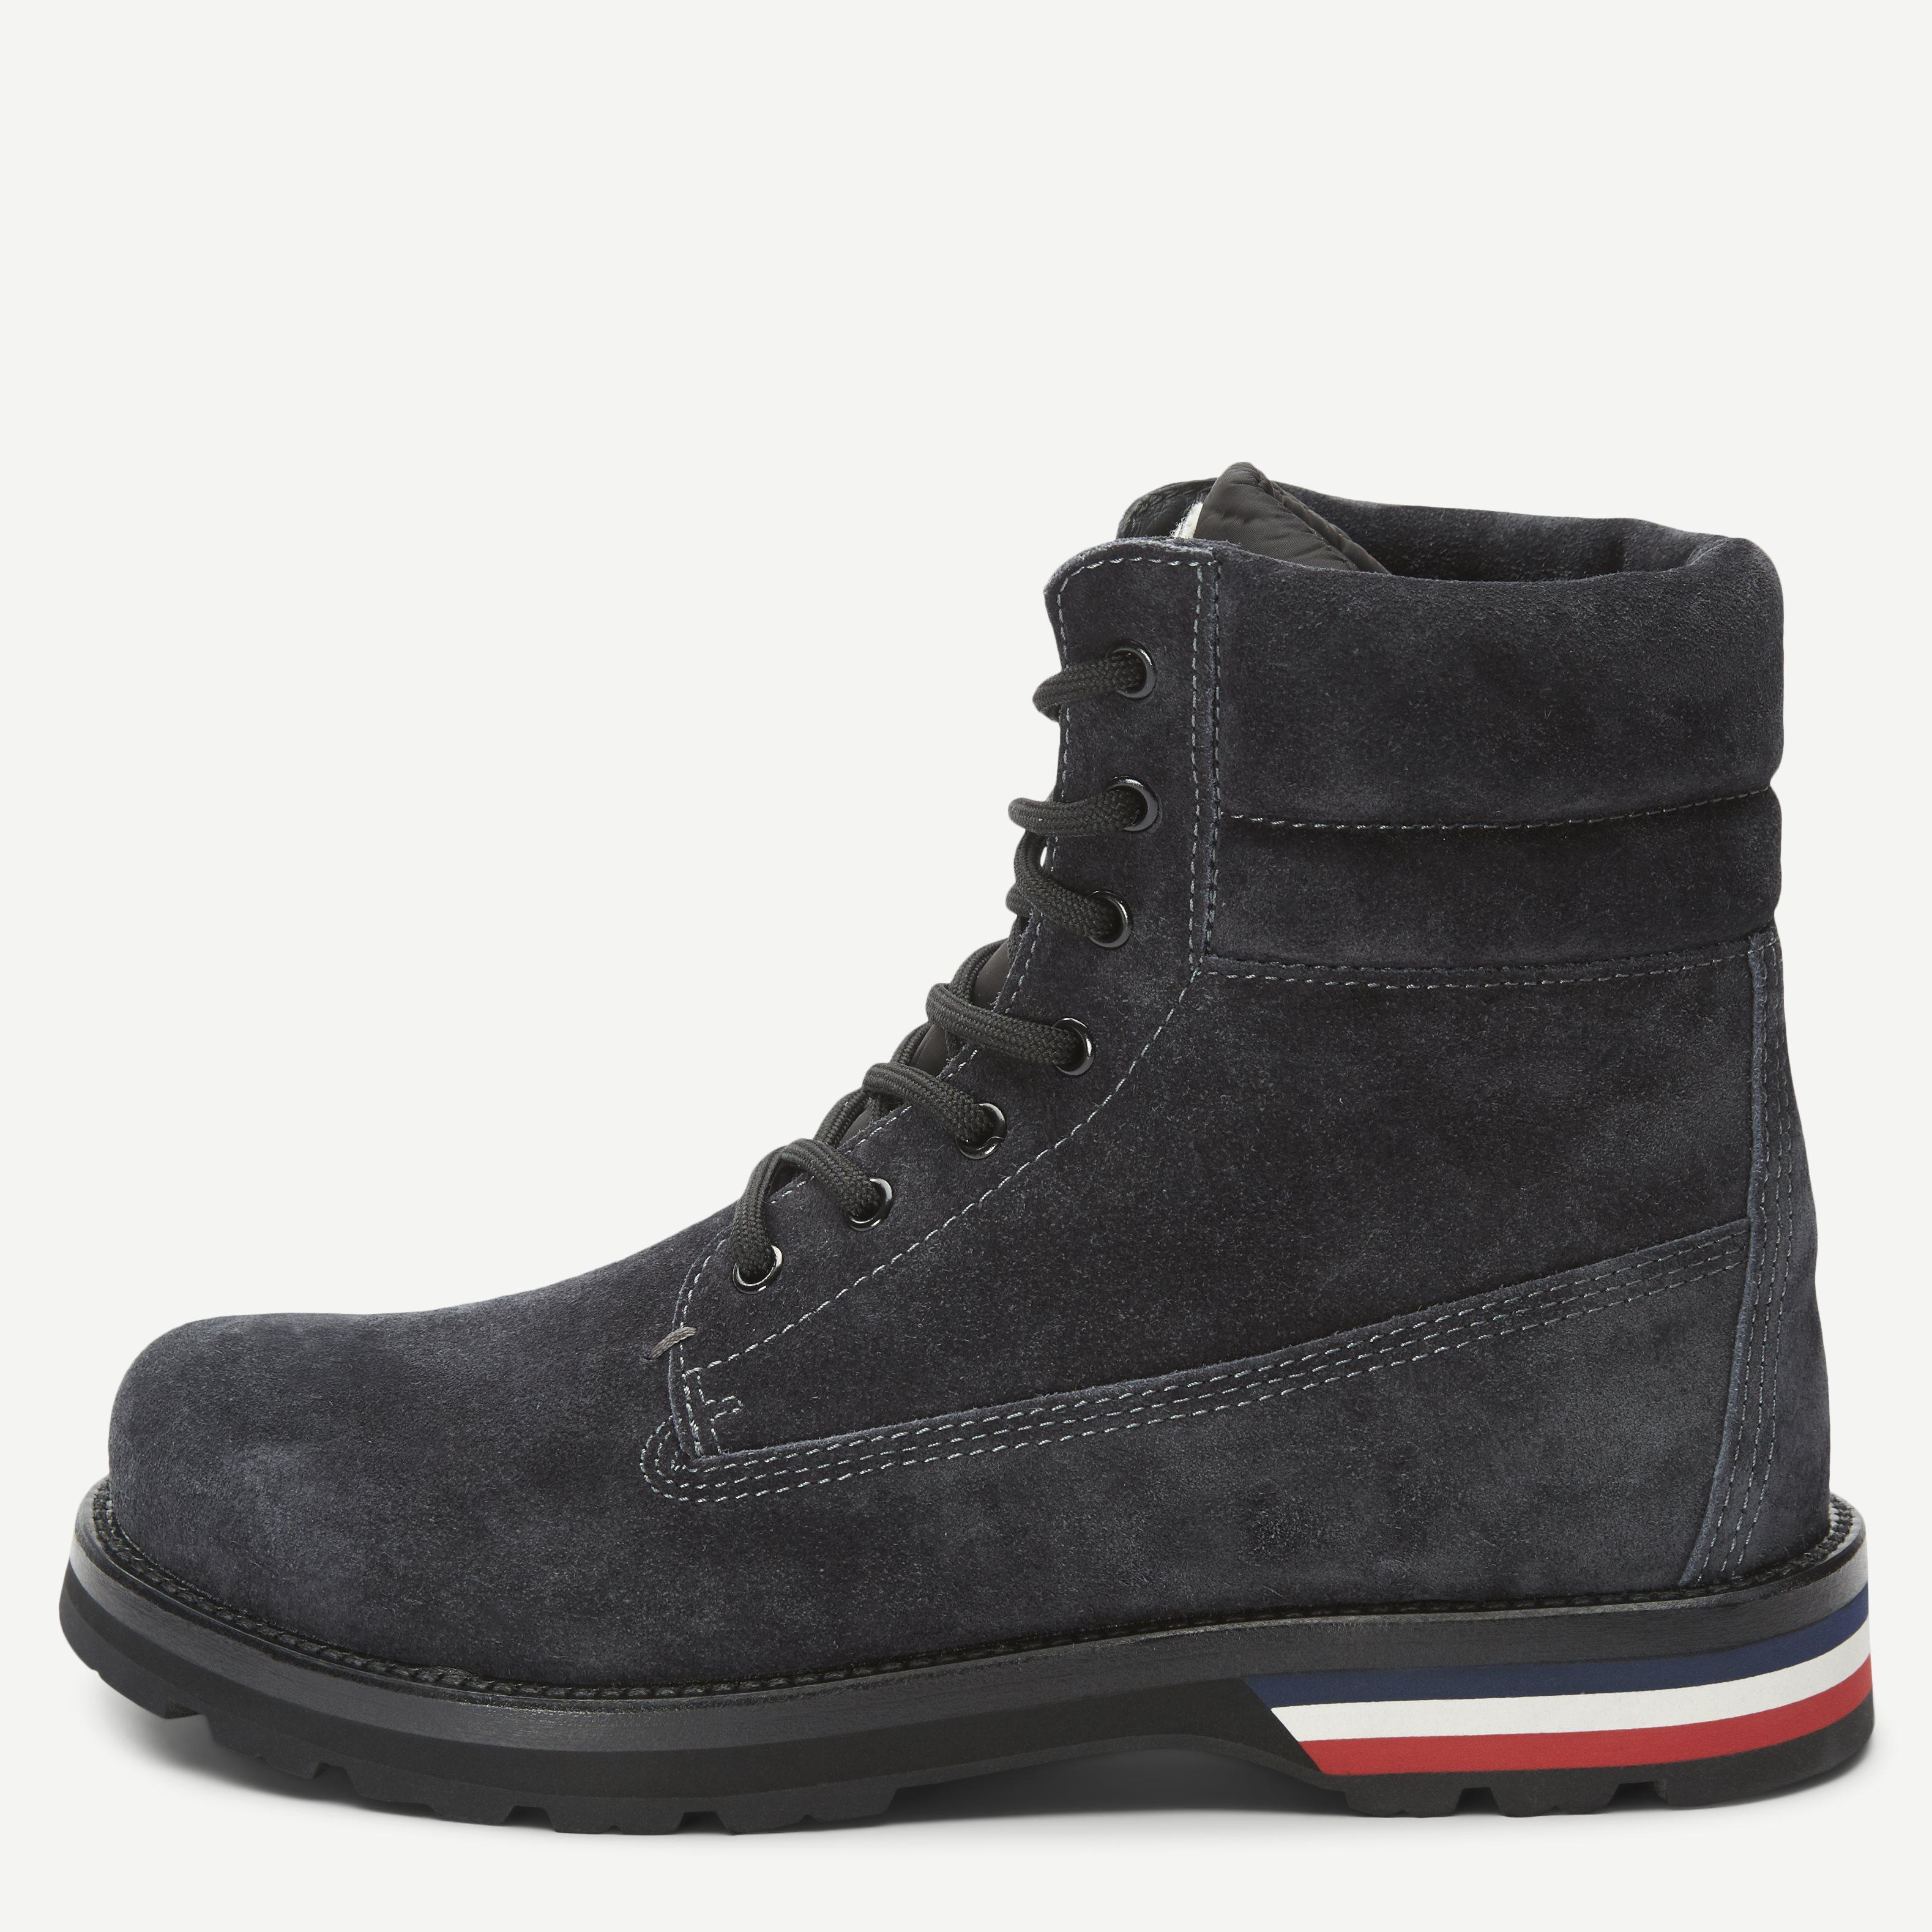 Støvler - Sko - Grå